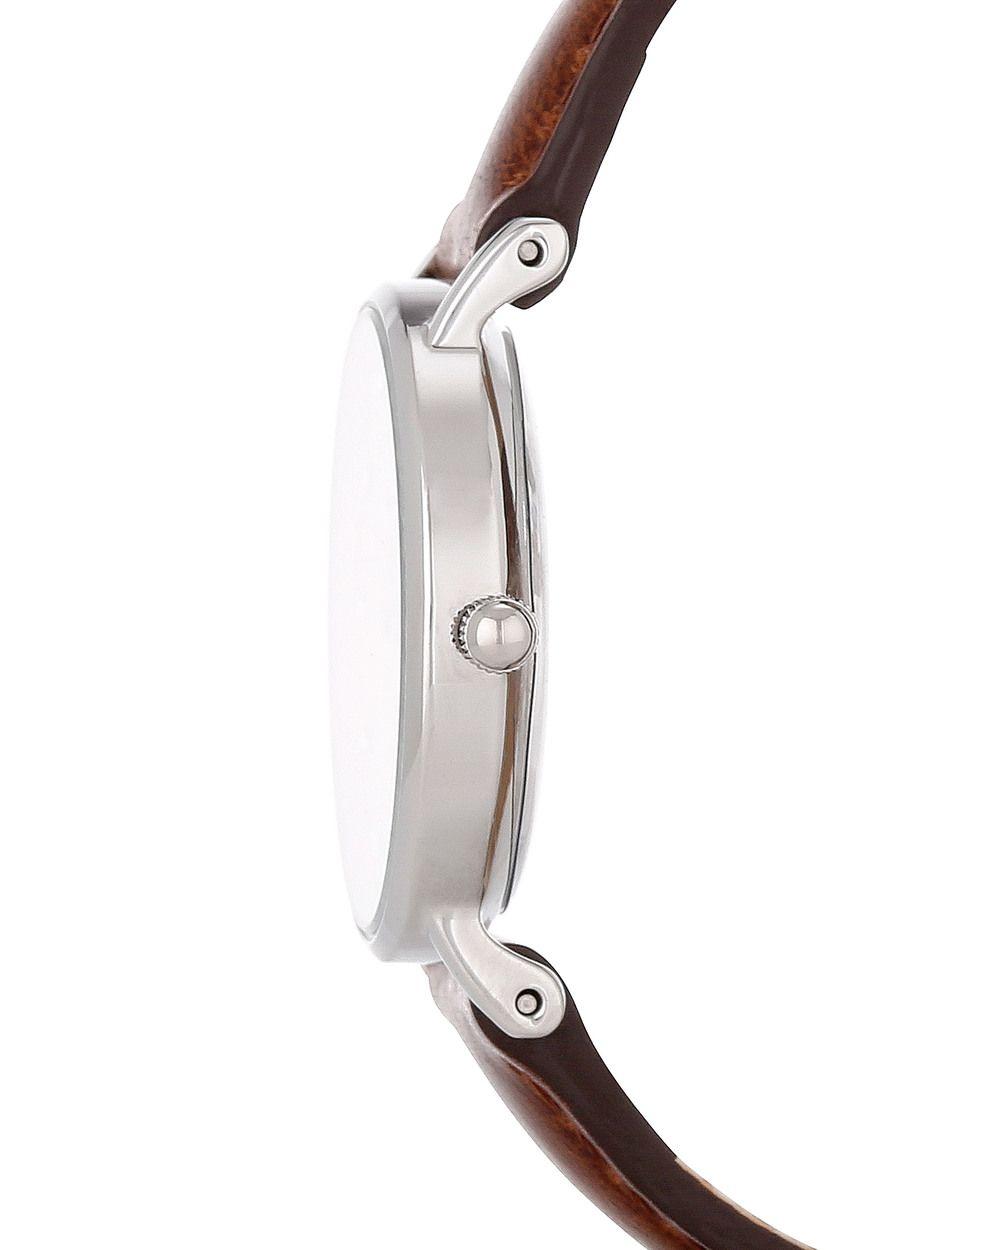 6c4fc857d5fb ... Zegarek Daniel Wellington 0923DW Classy Bristol Silver. -19% Taniej